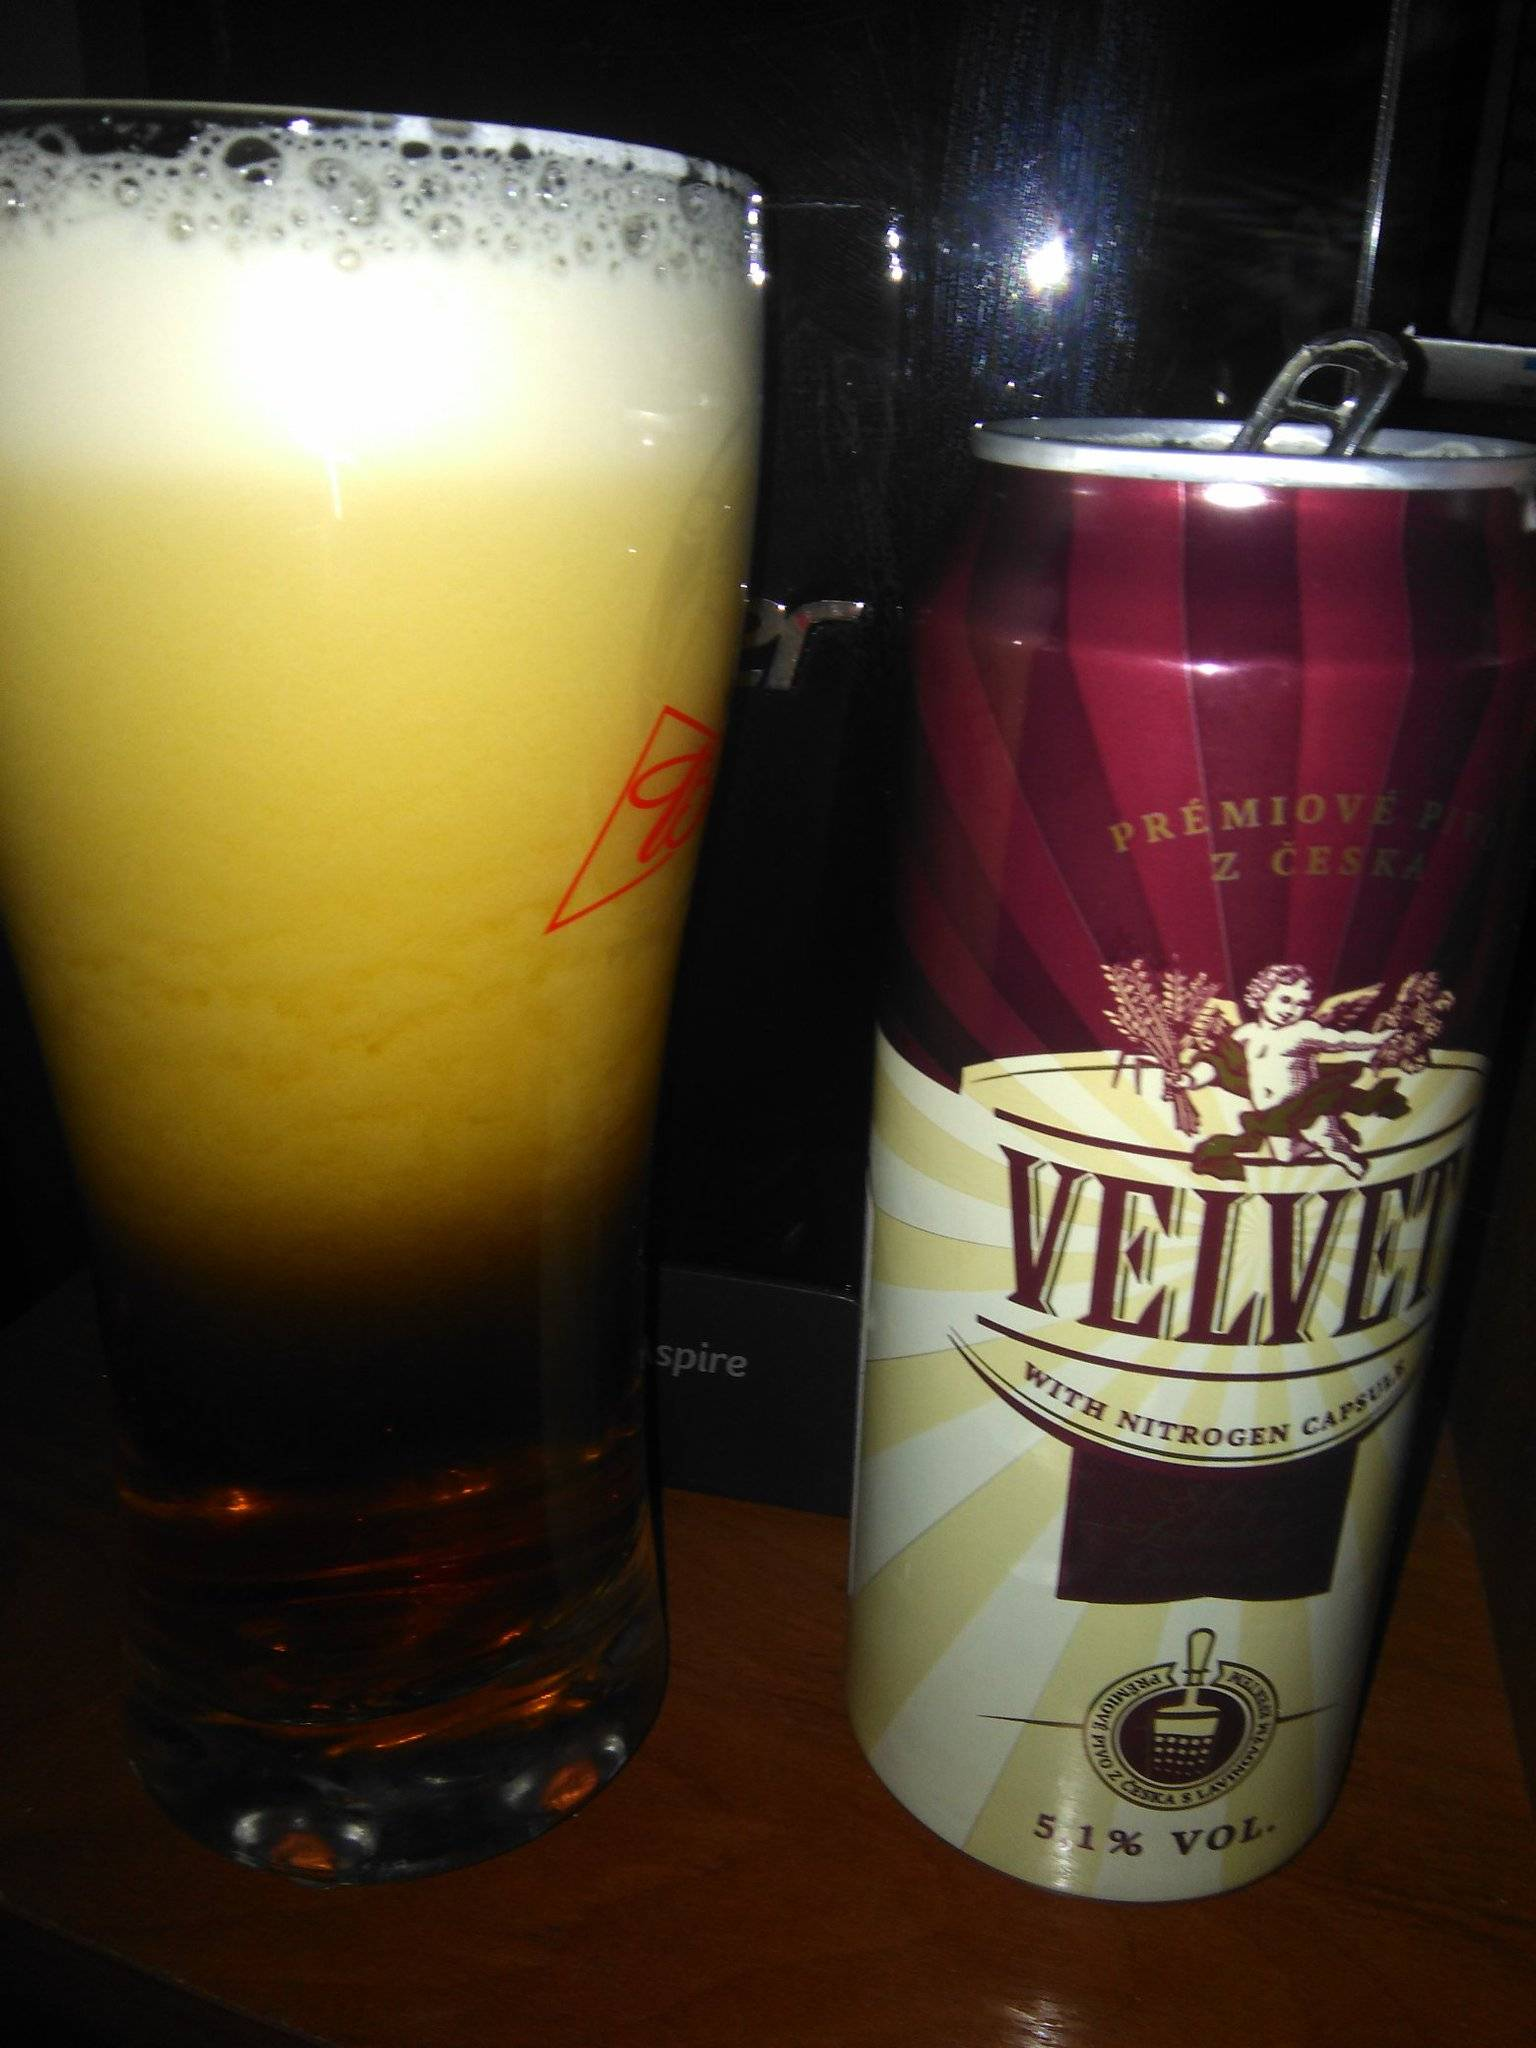 Пиво вельвет чехия с лавинным эффектом, где попить в праге